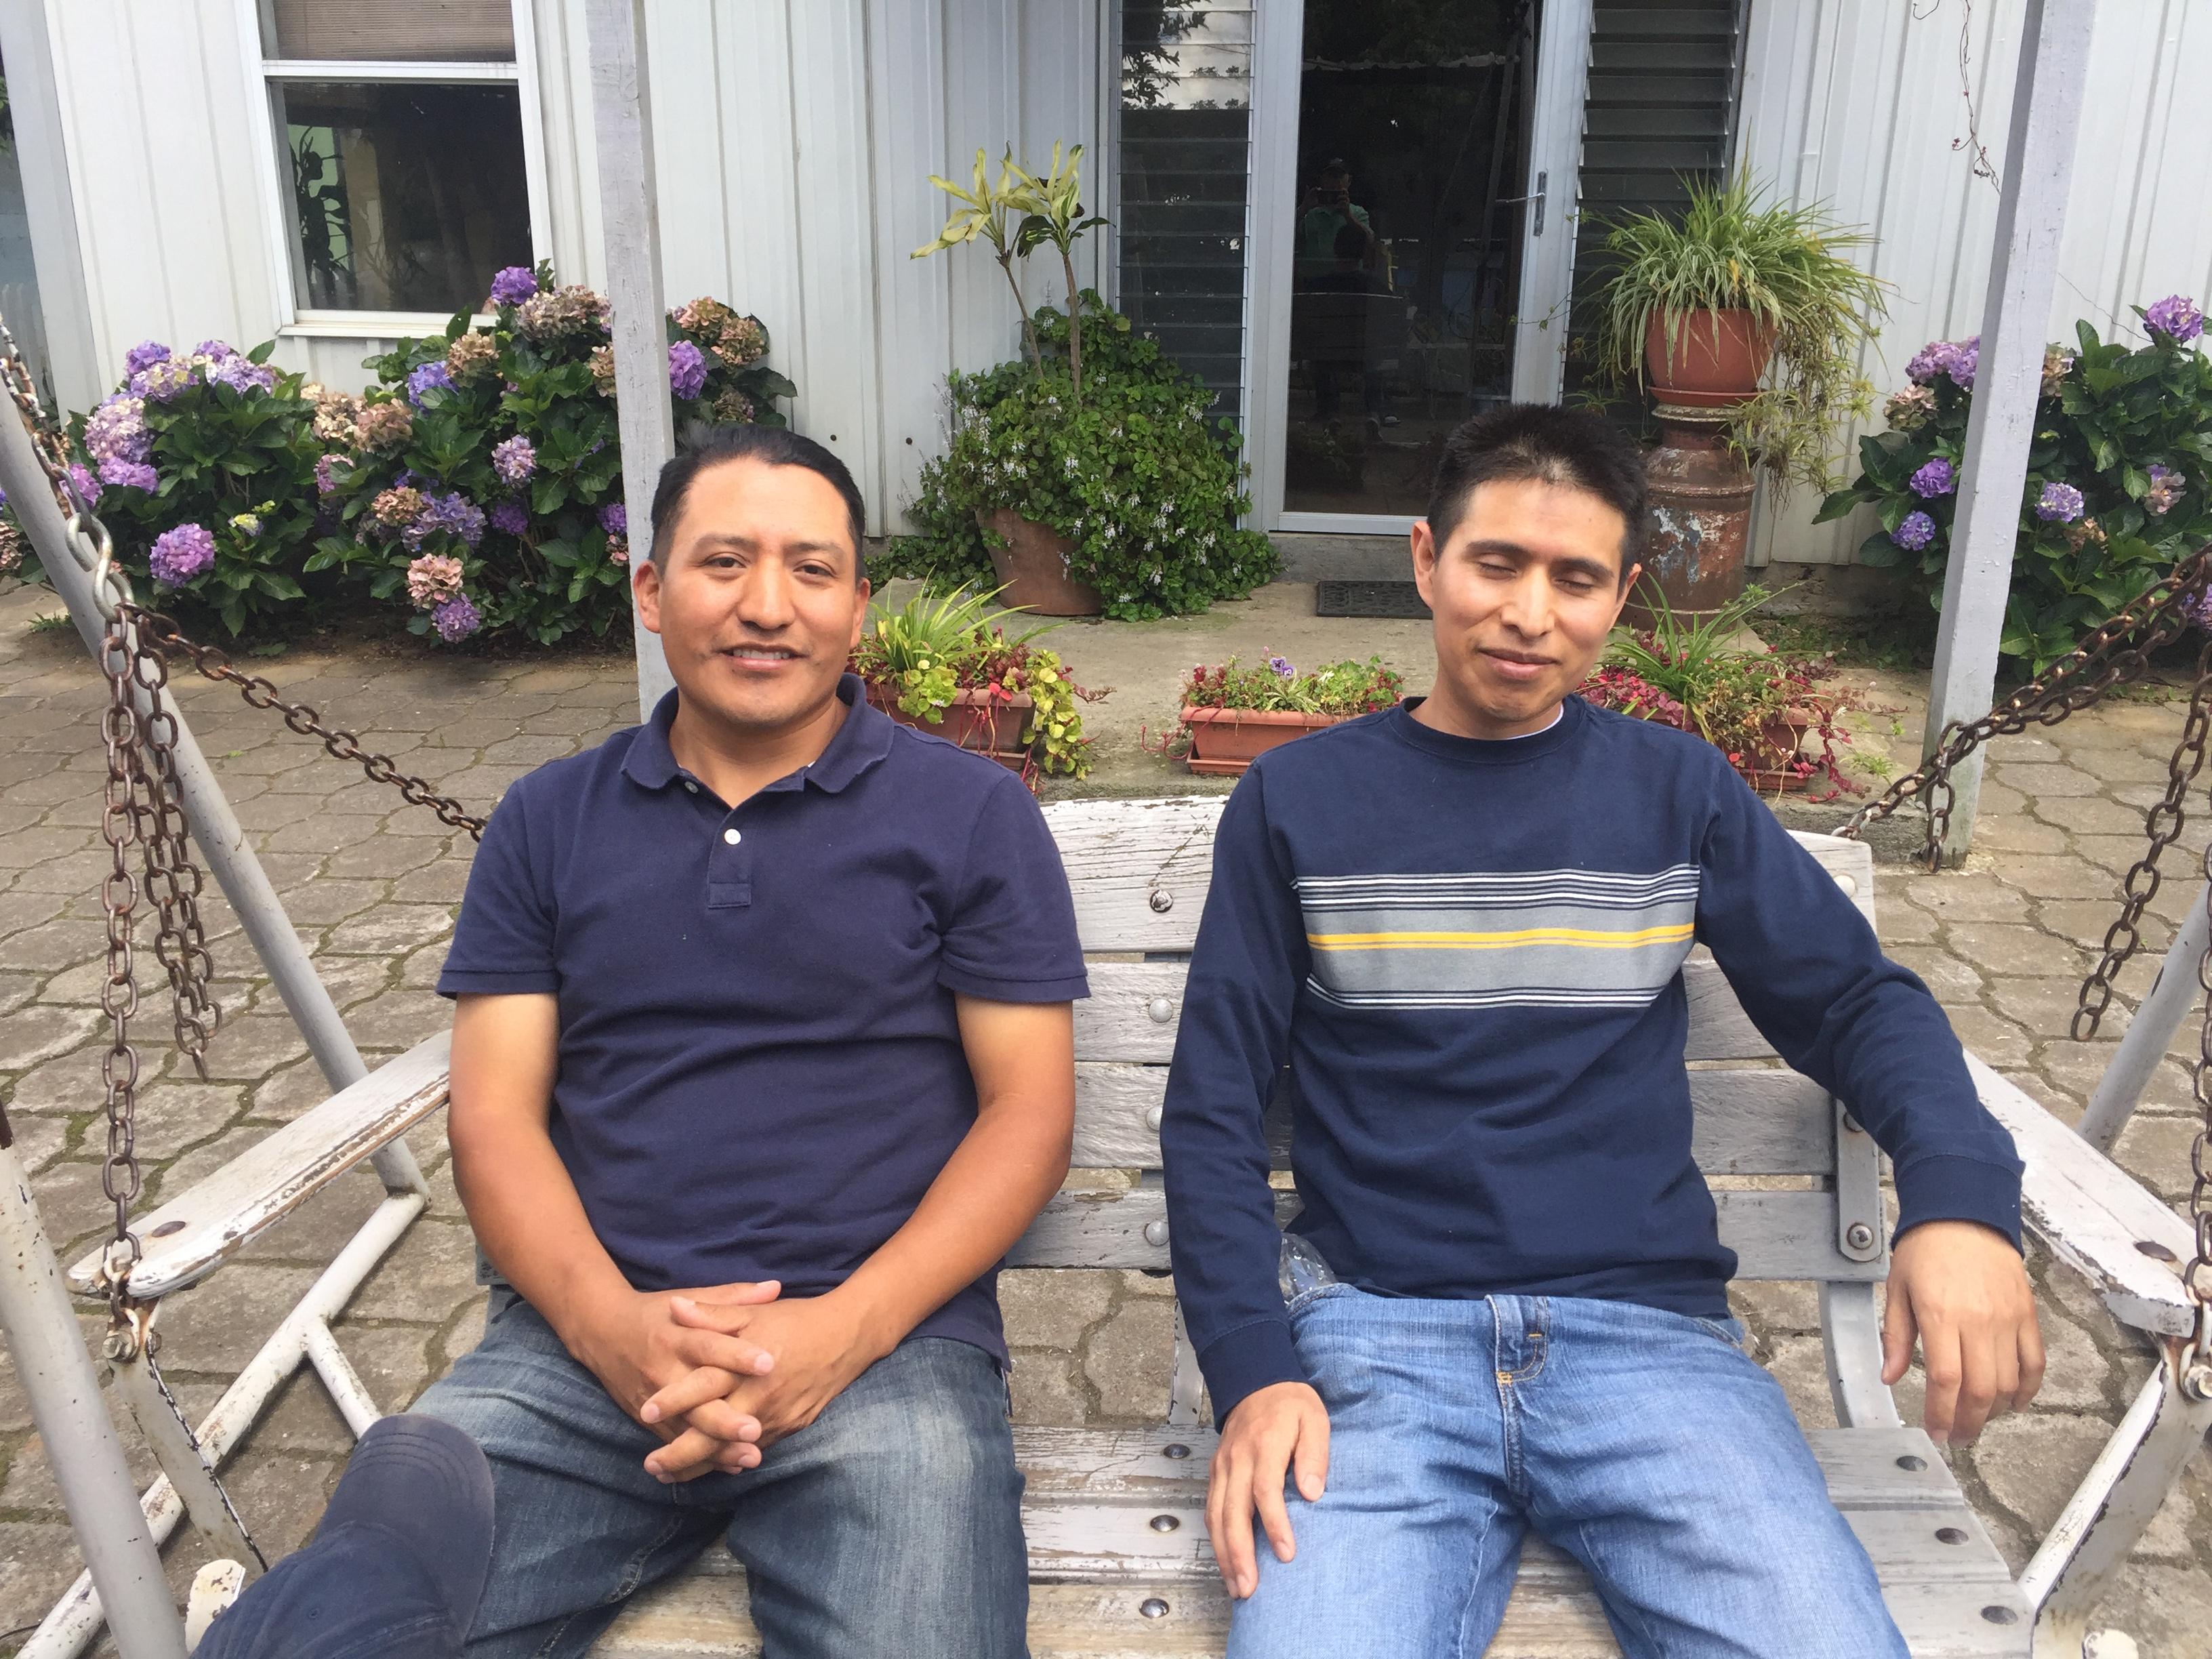 Ruben and Rigoberto